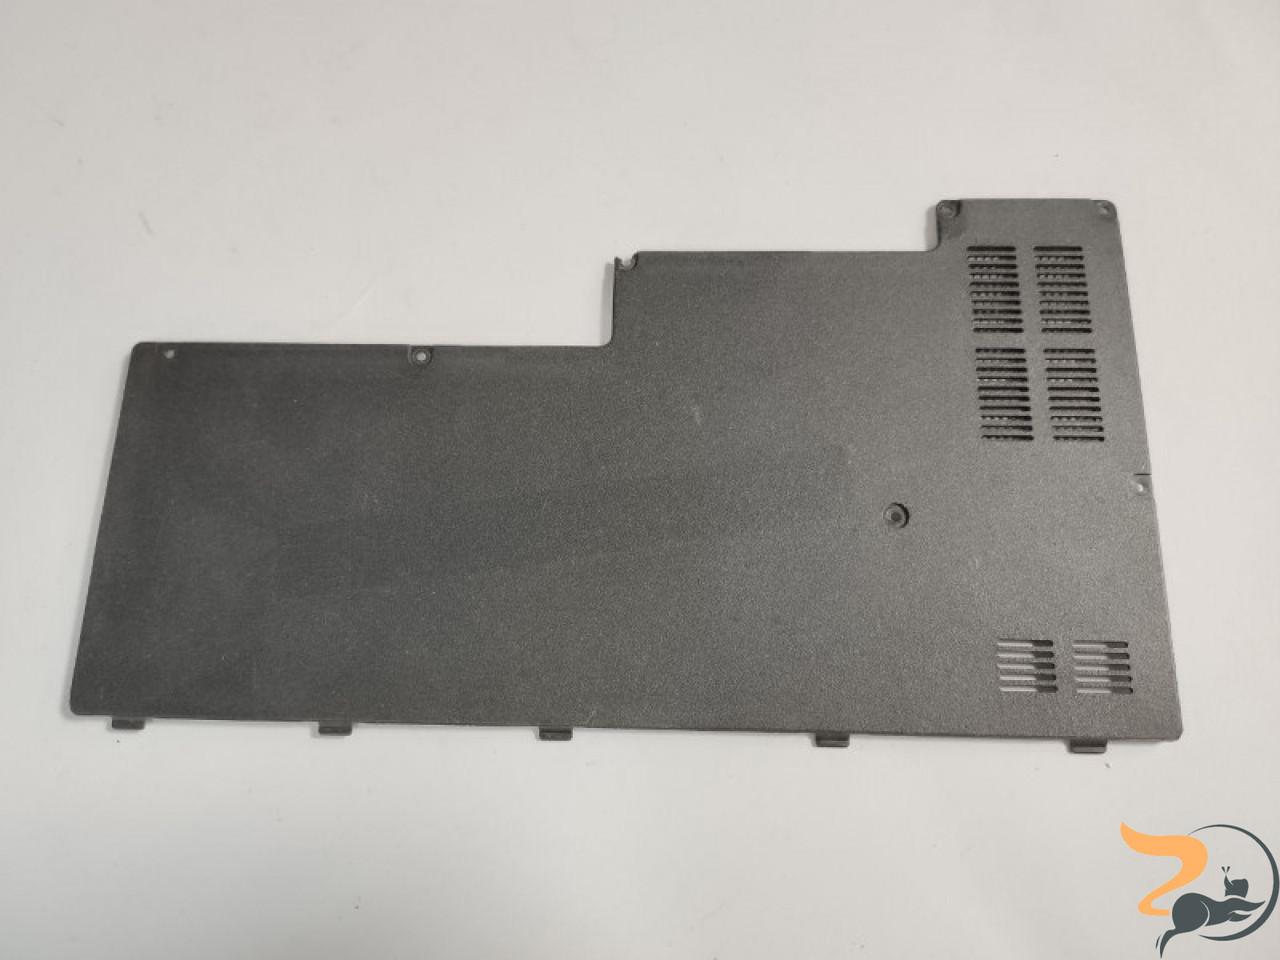 """Сервісна кришка для ноутбука Asus X51, 15.4"""", 13GNKA1AP052-1, б/в. Пошкоджене кріплення (фото)."""